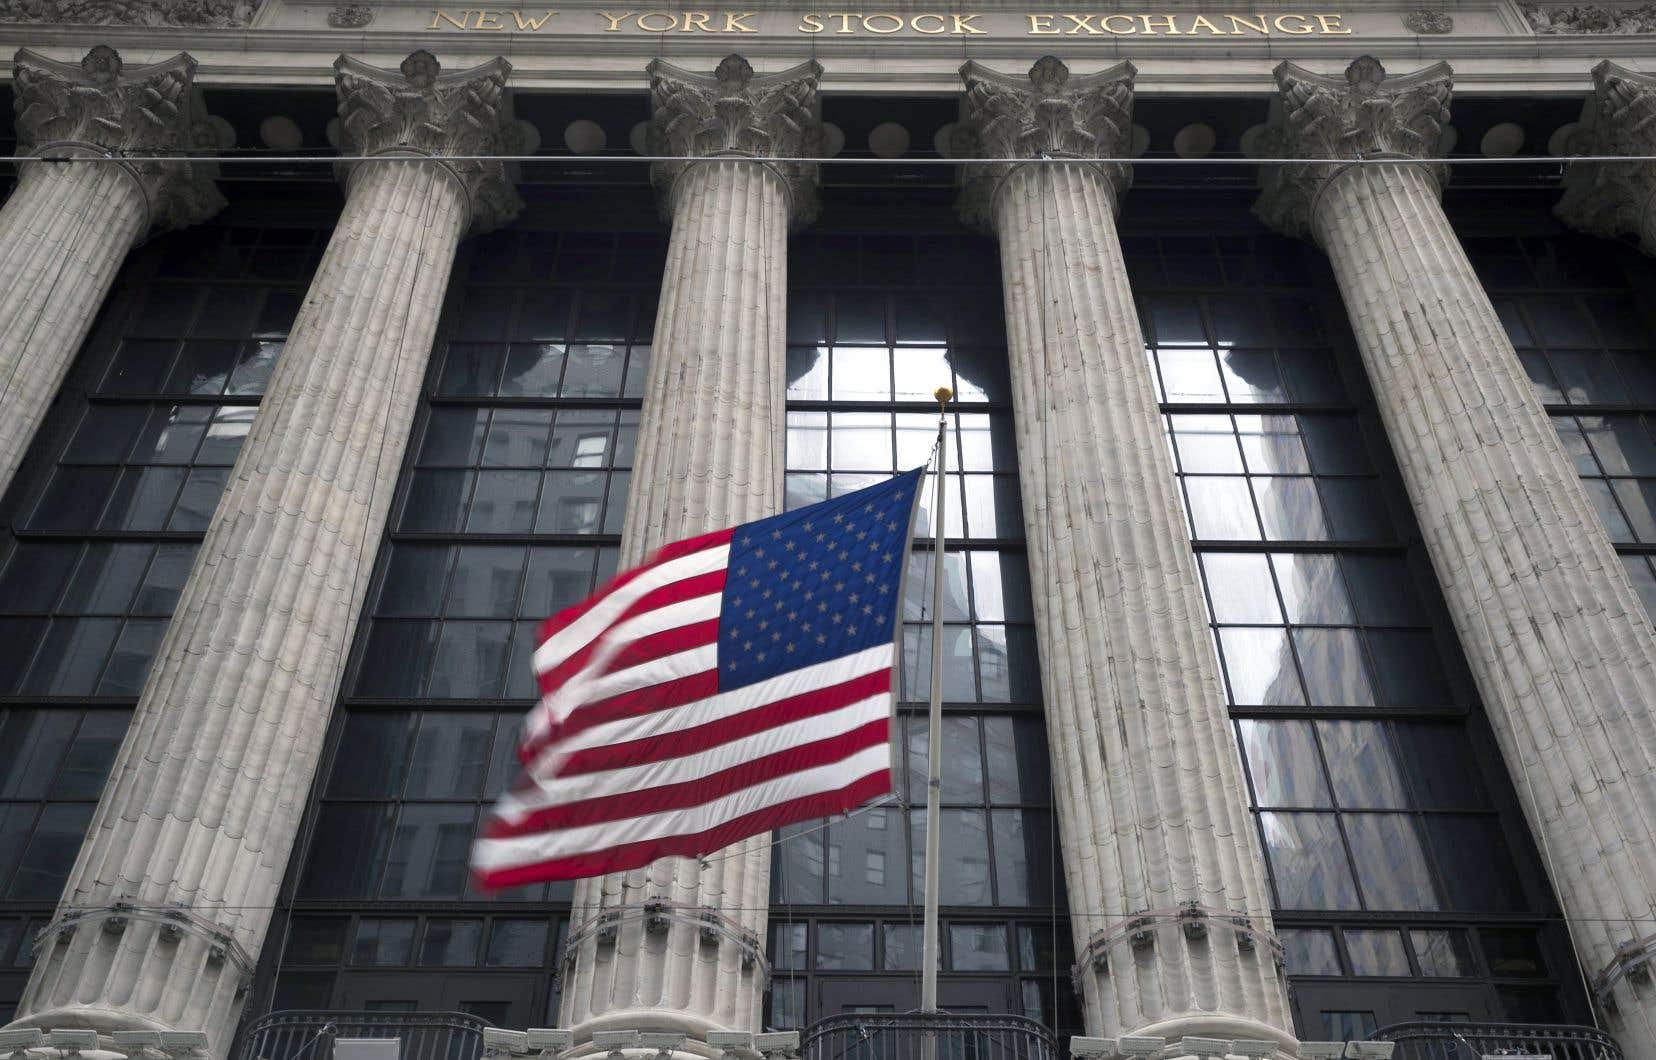 L'indice symbolique Dow Jones s'est replié de 1% pour terminer à 24415,84 points.